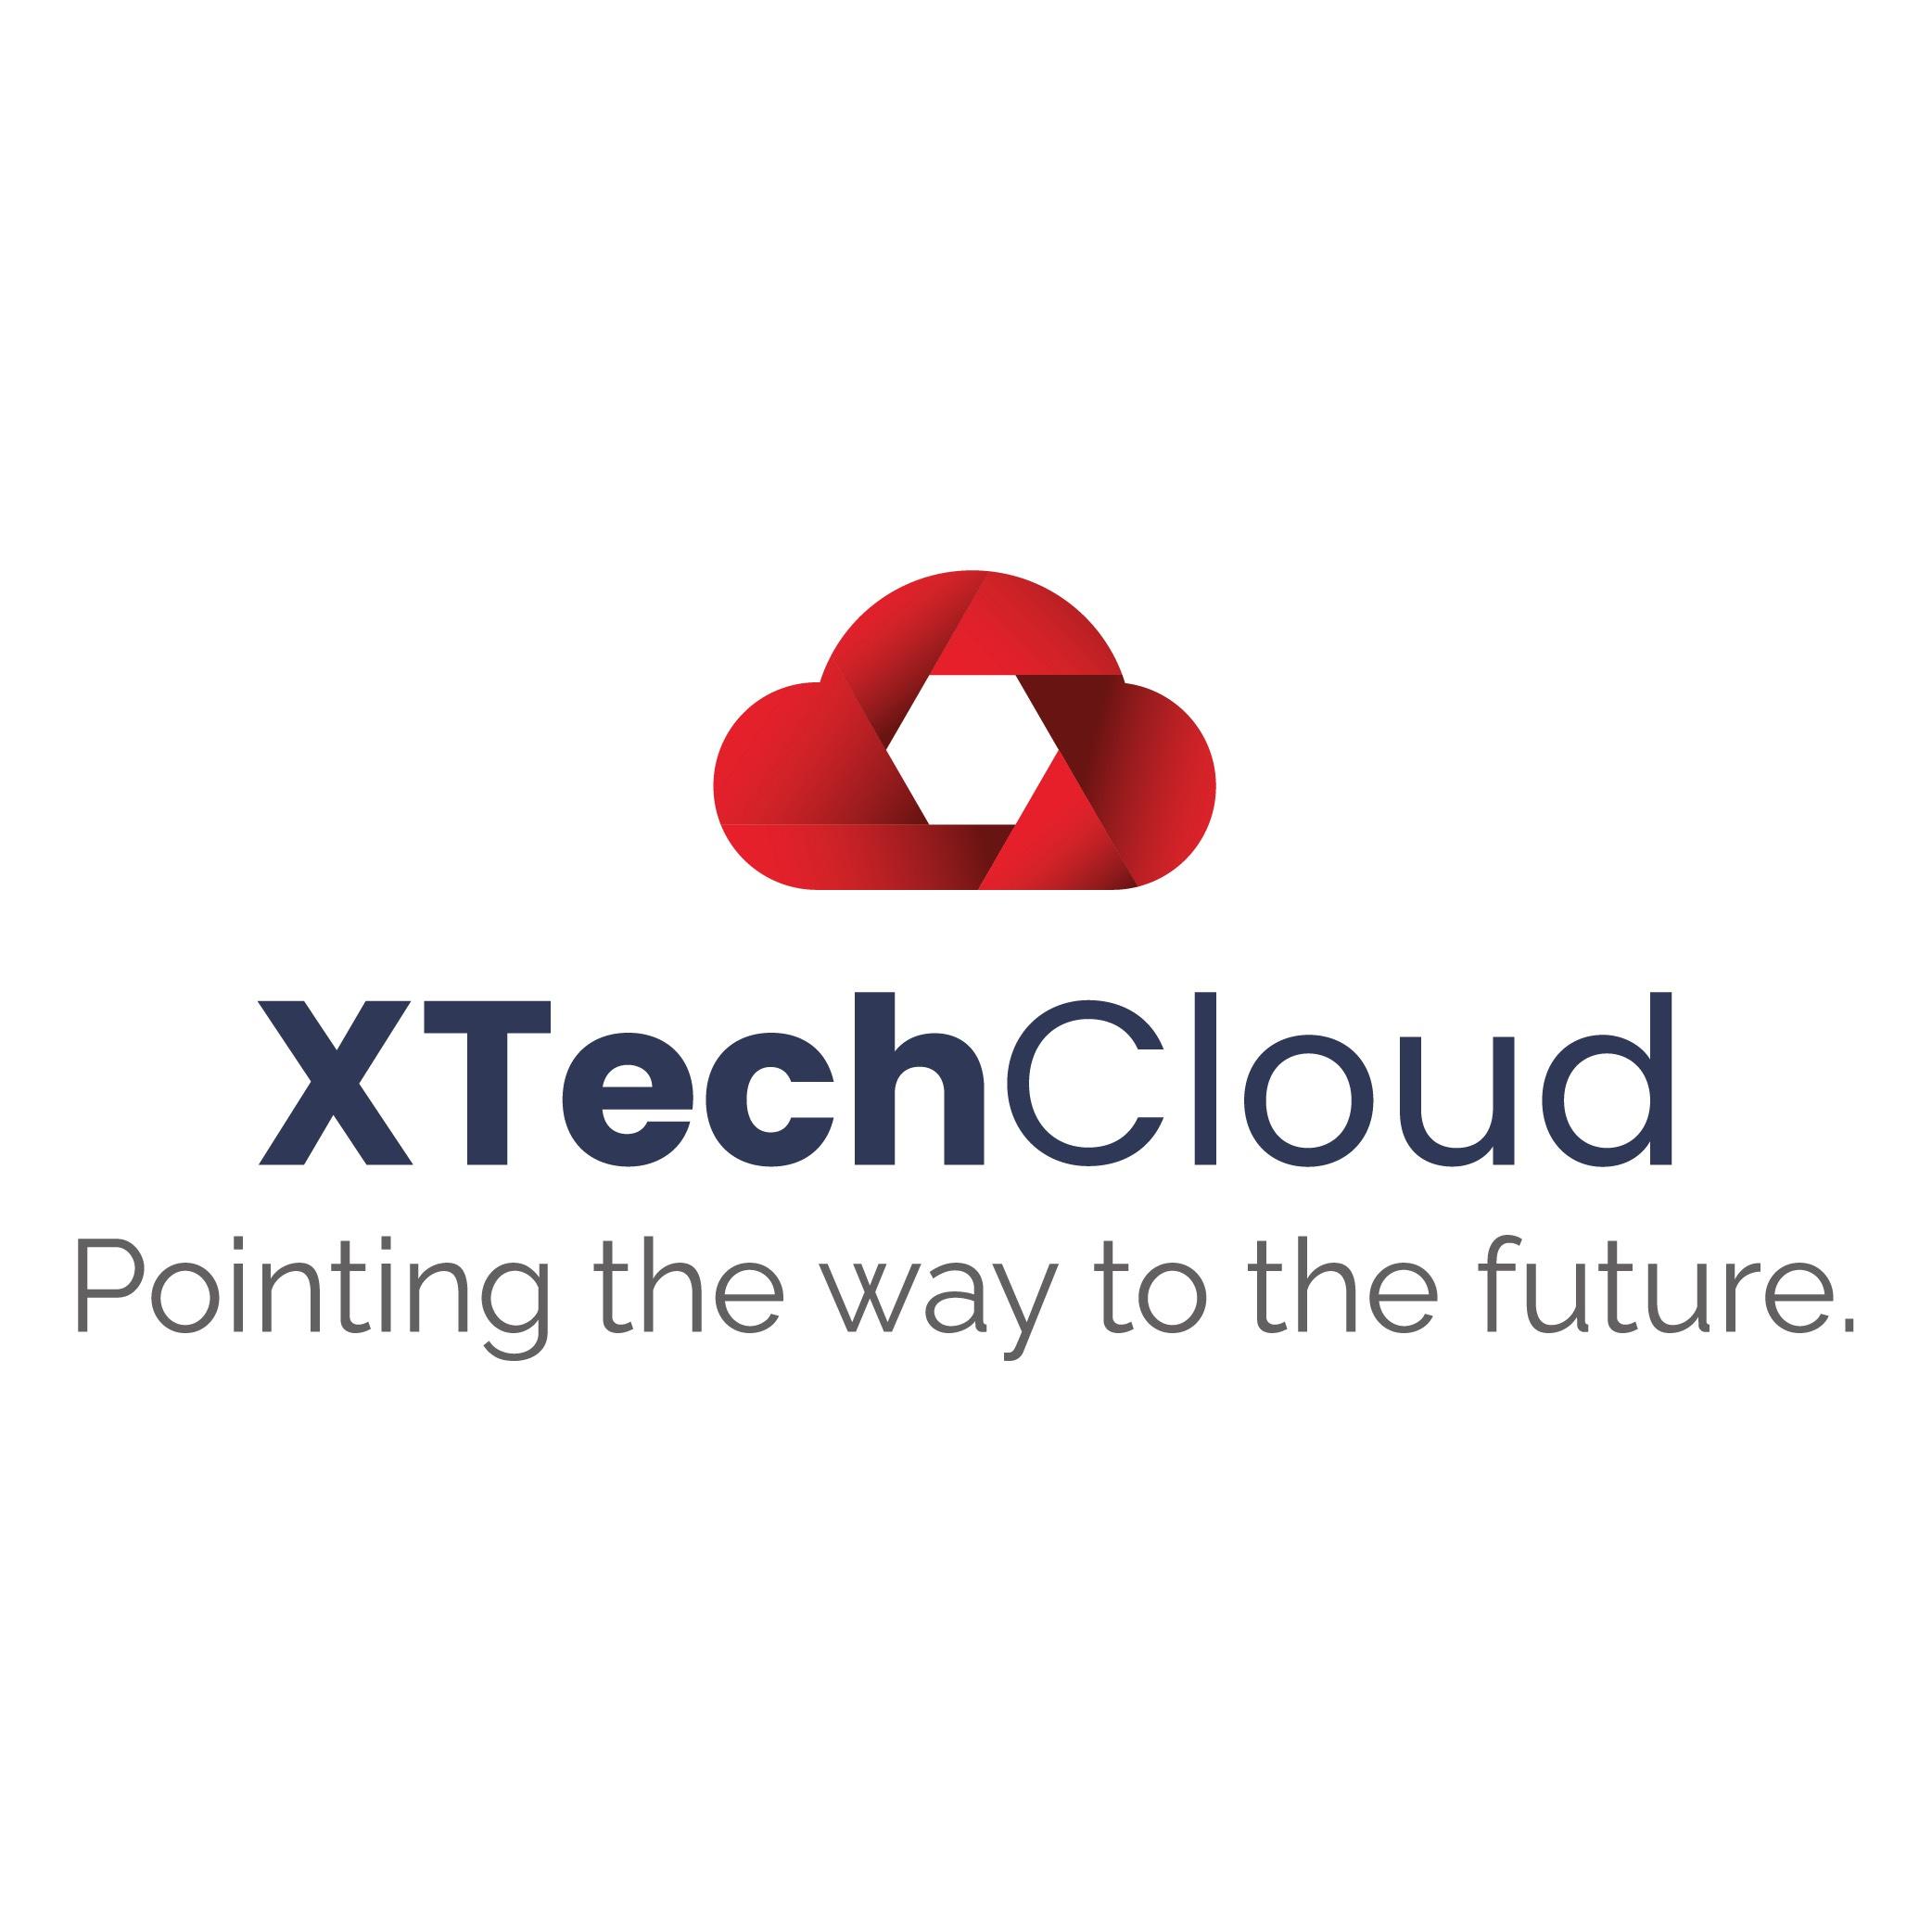 XTechCloud